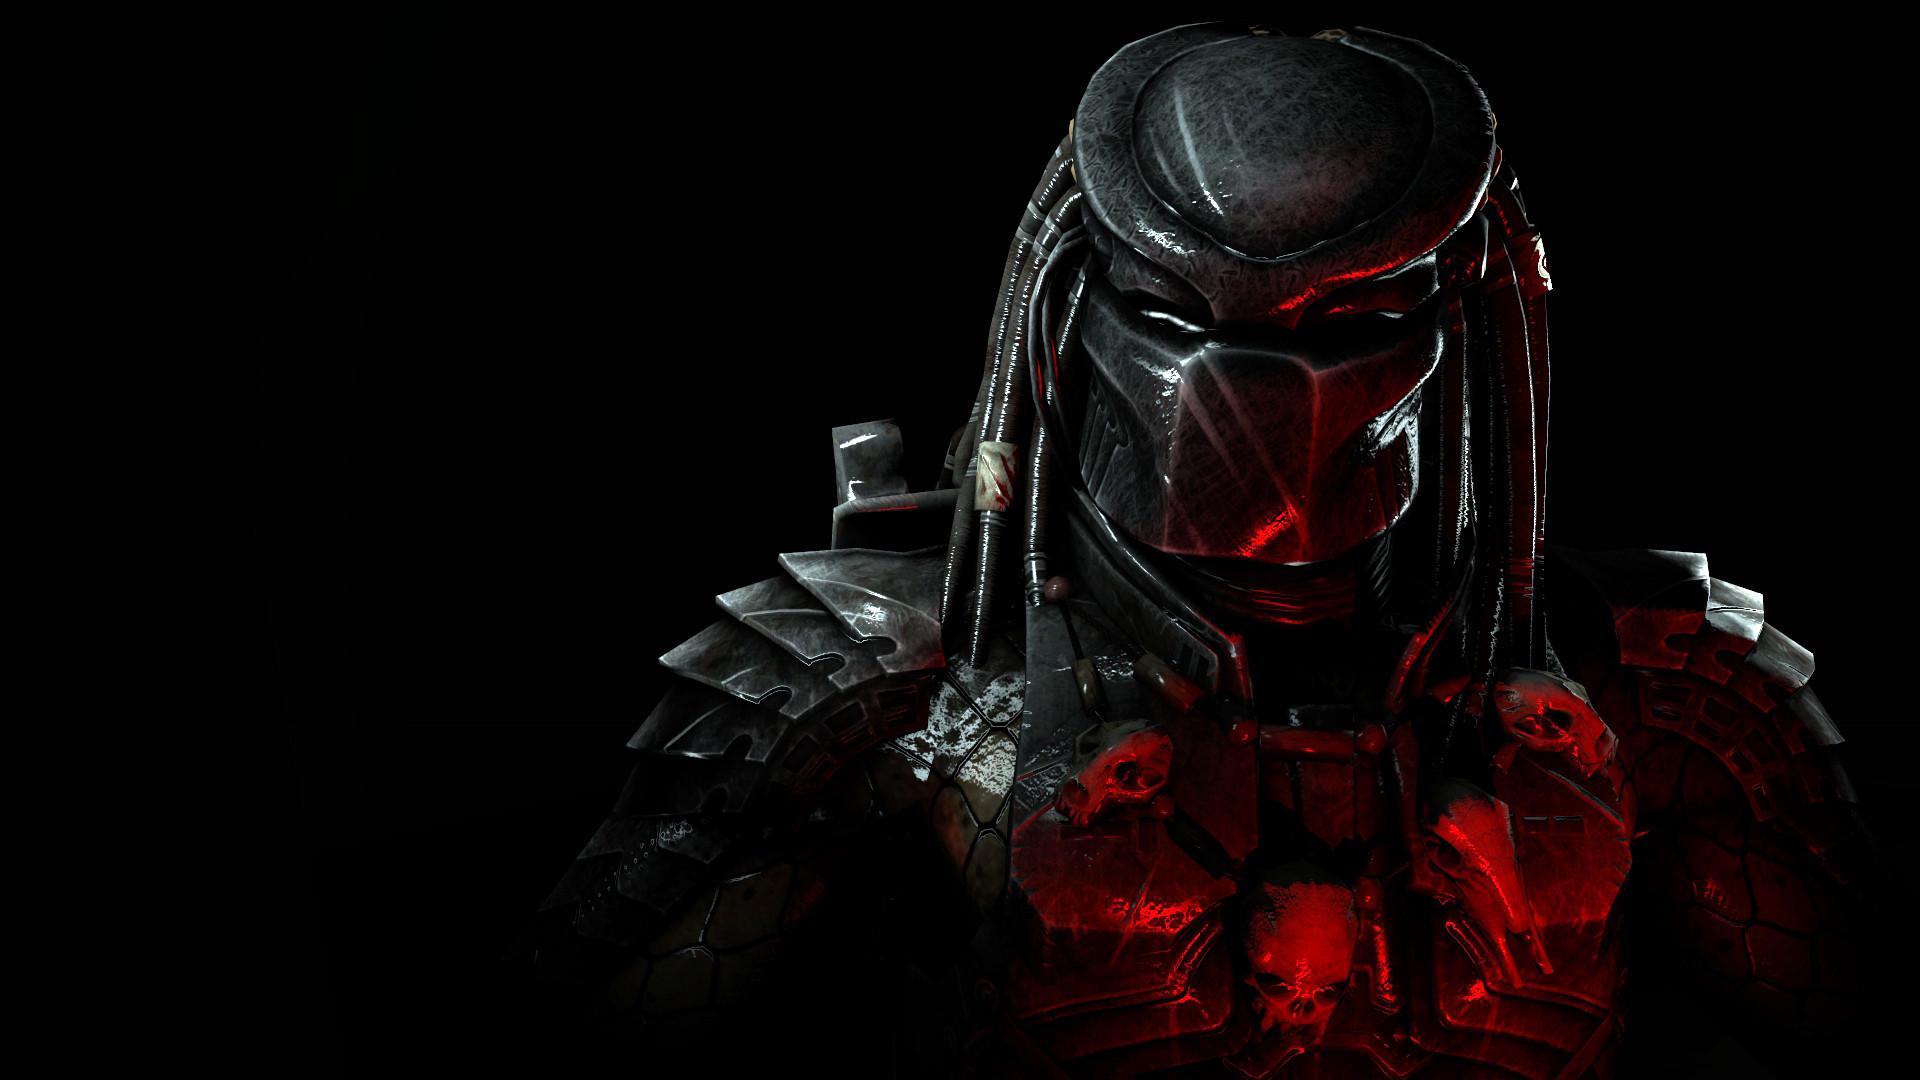 Картинка: Хищник, Predator, фантастика, персонаж, шлем, костюм, шрамы, экипировка, чёрный фон, свет, игра, Mortal Kombat X